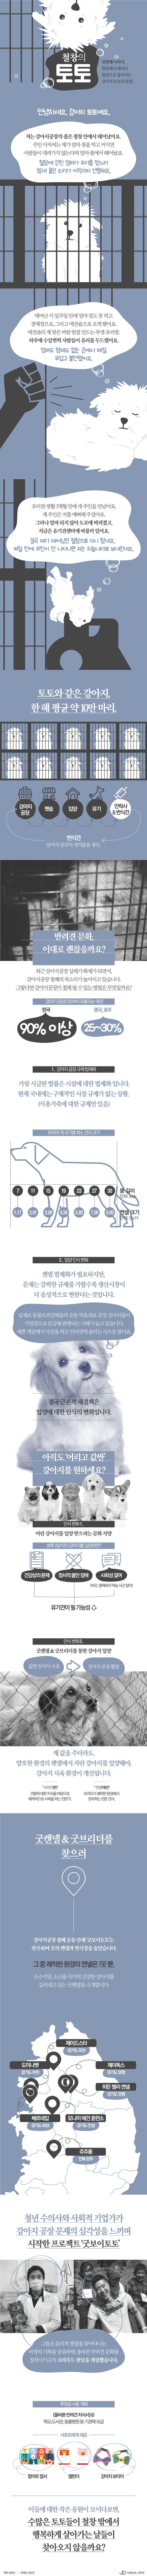 강아지공장에서 태어난 ' 철창의 토토 ' [카드뉴스] #dog / #Infographic ⓒ 비주얼다이브 무단 복사·전재·재배포 금지